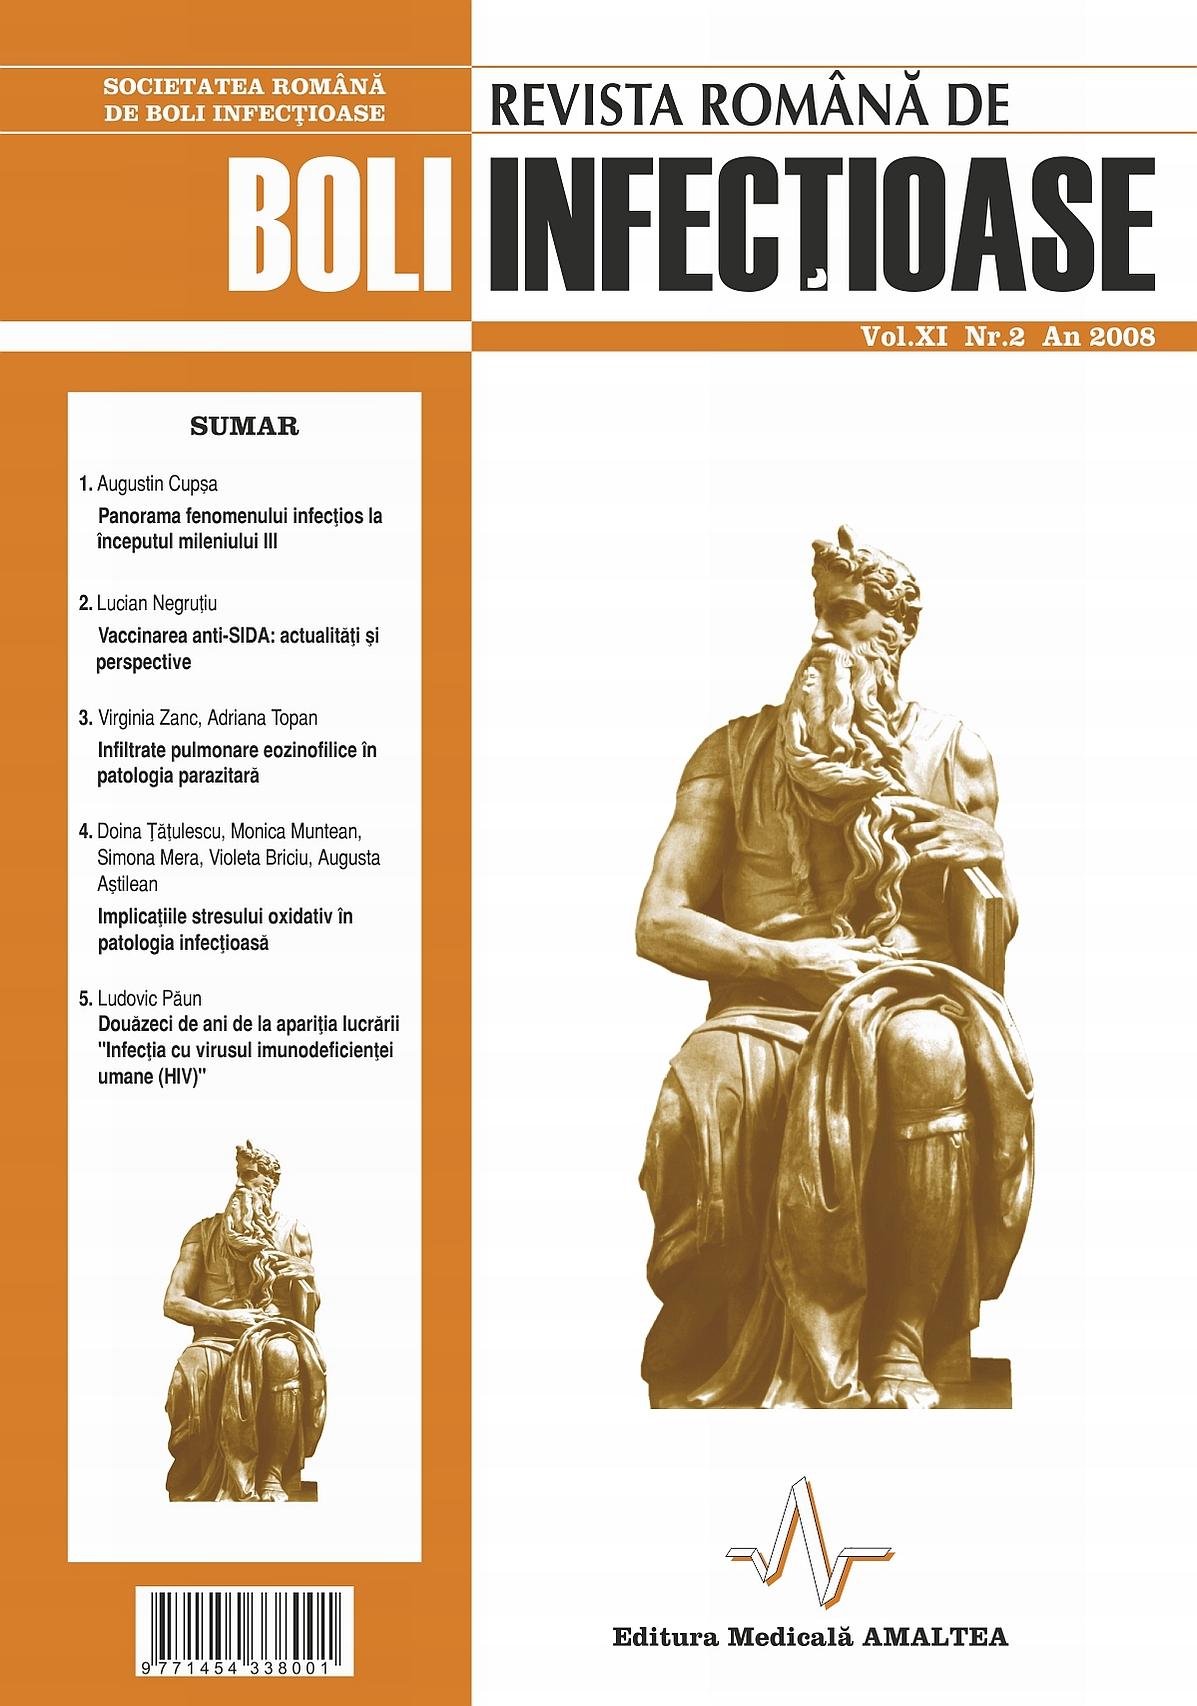 Revista Romana de Boli Infectioase | Vol. XI, No. 2, 2008